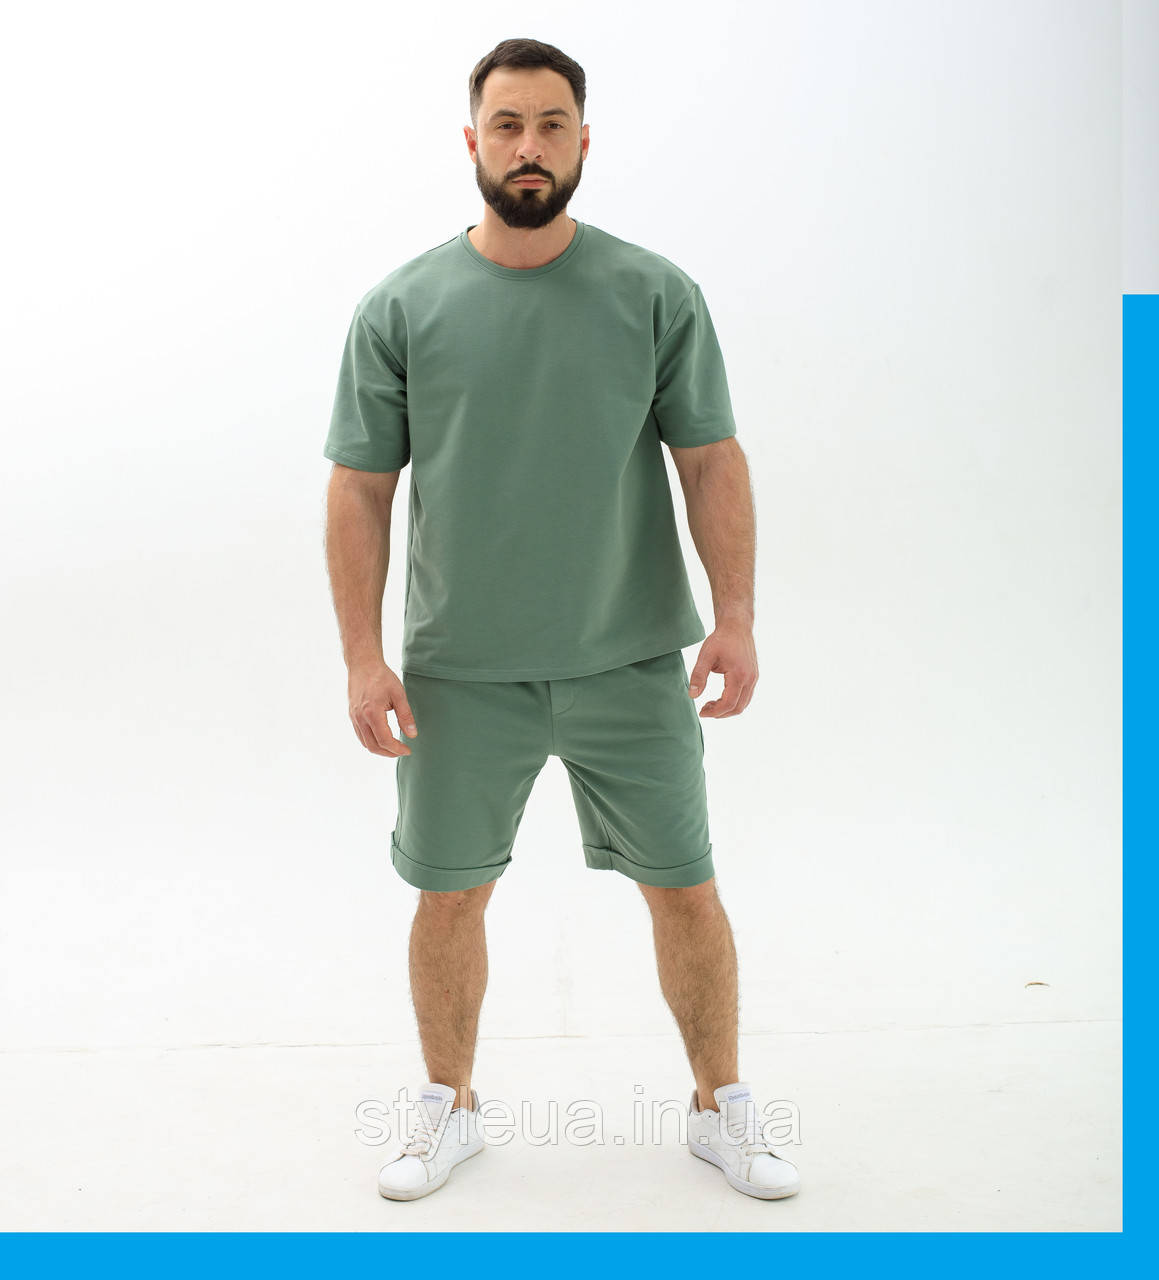 Чоловічий спортивний костюм Футболка+шорти / Річний комплект вільного крою Оверсайз